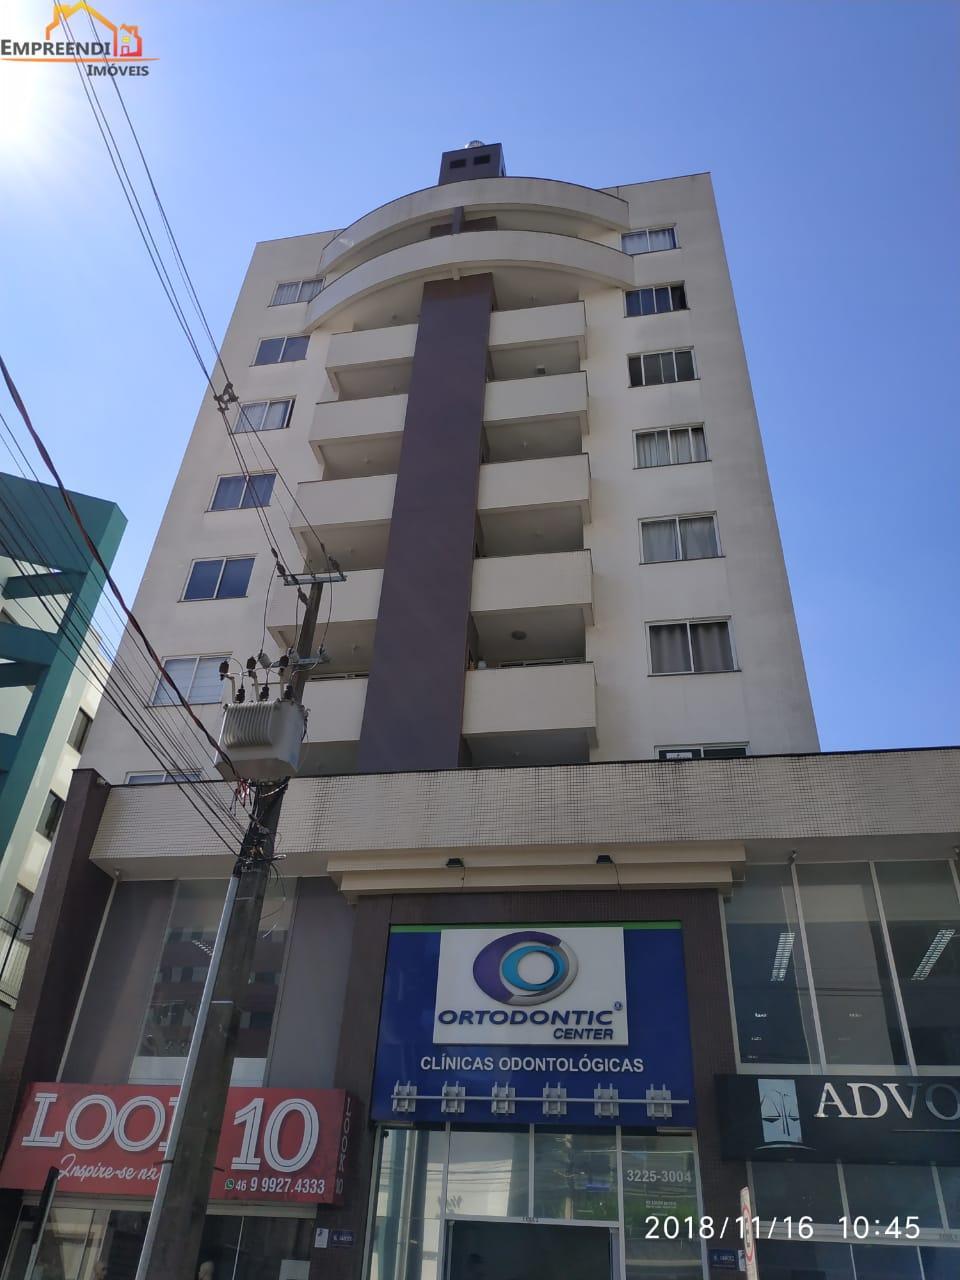 Apartamento com 2 dormitórios para locação, CENTRO, PATO BRANCO - PR